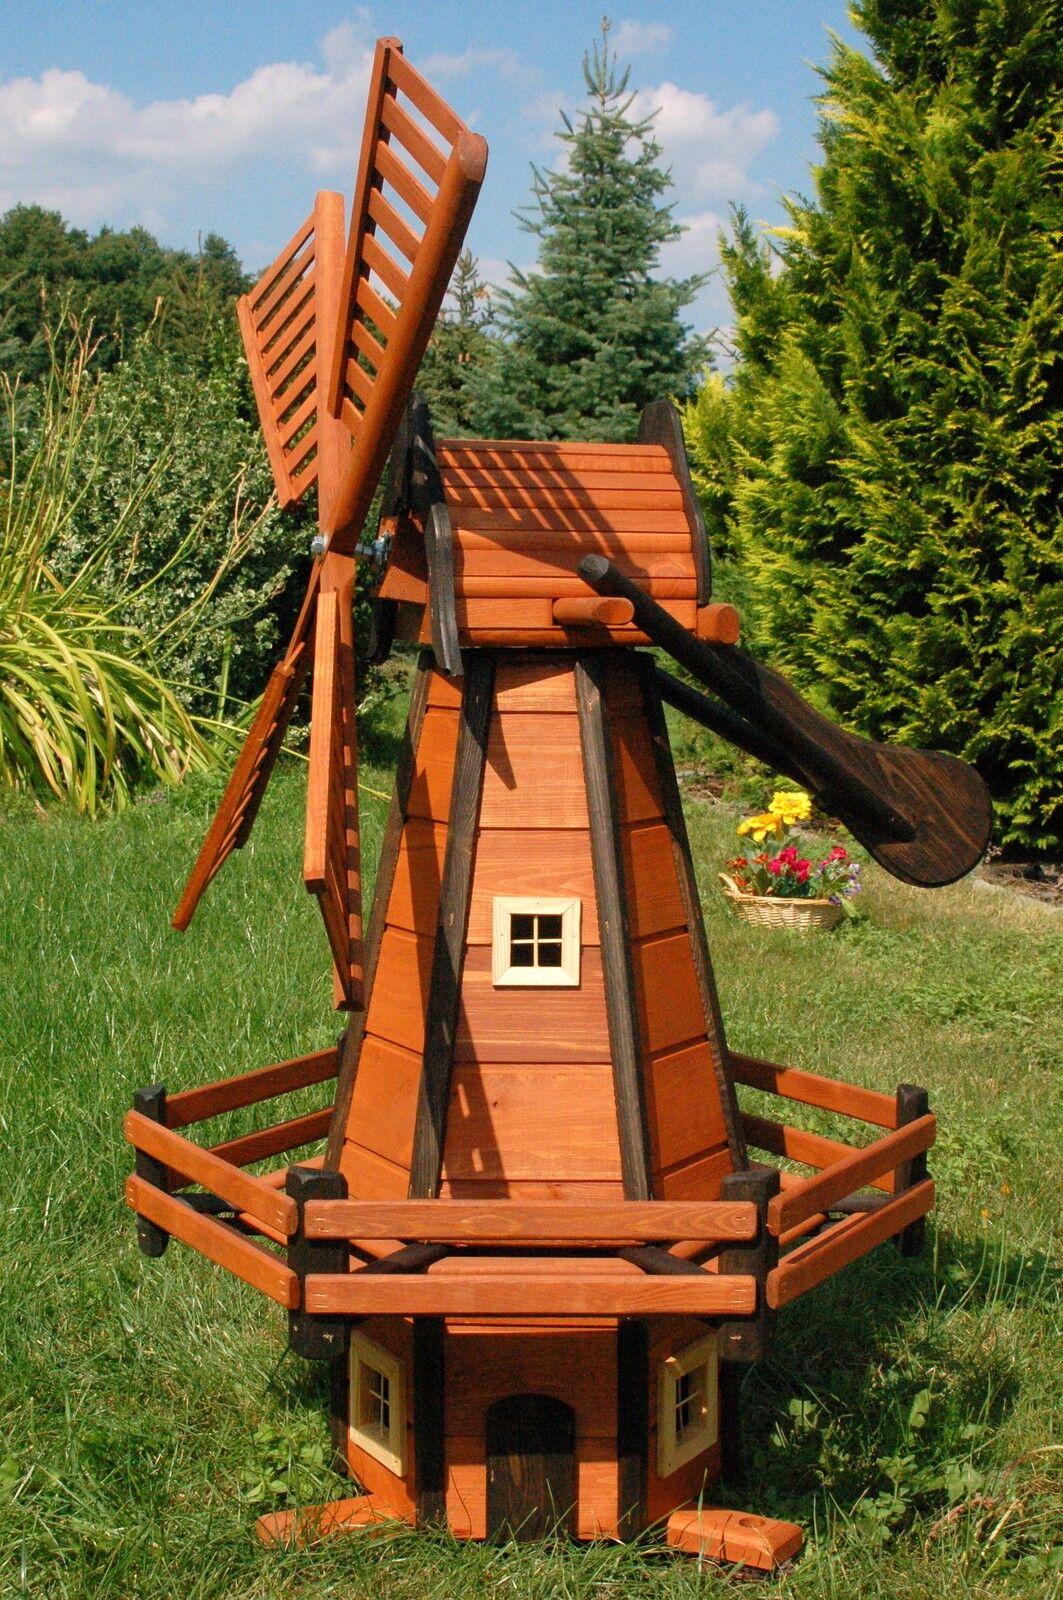 I mulini a vento LEGNO MULINO olandese ART 1,20 M impregnato kugelg., da giardino h1